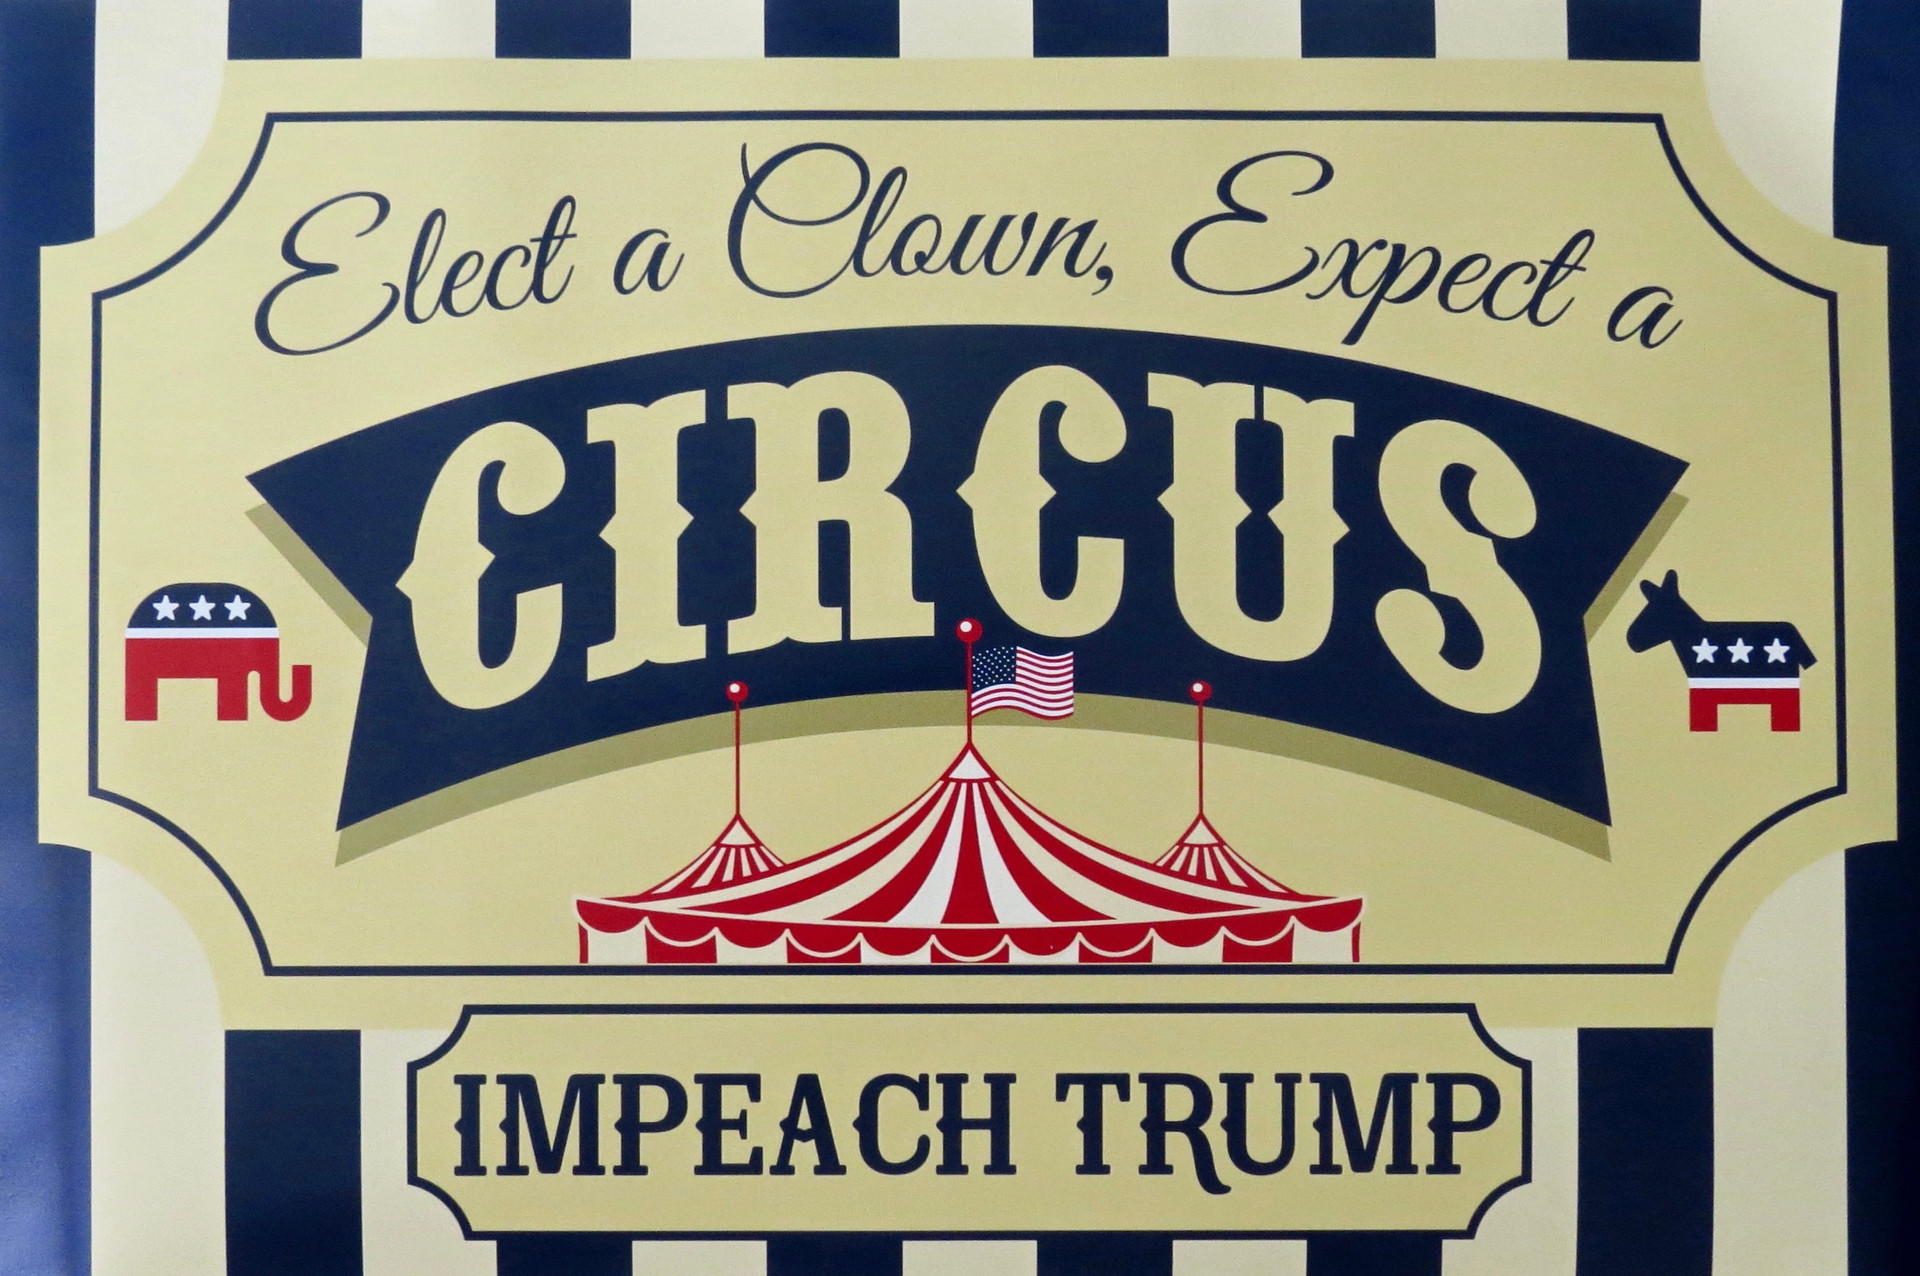 Elect a Clown Expect a Circus